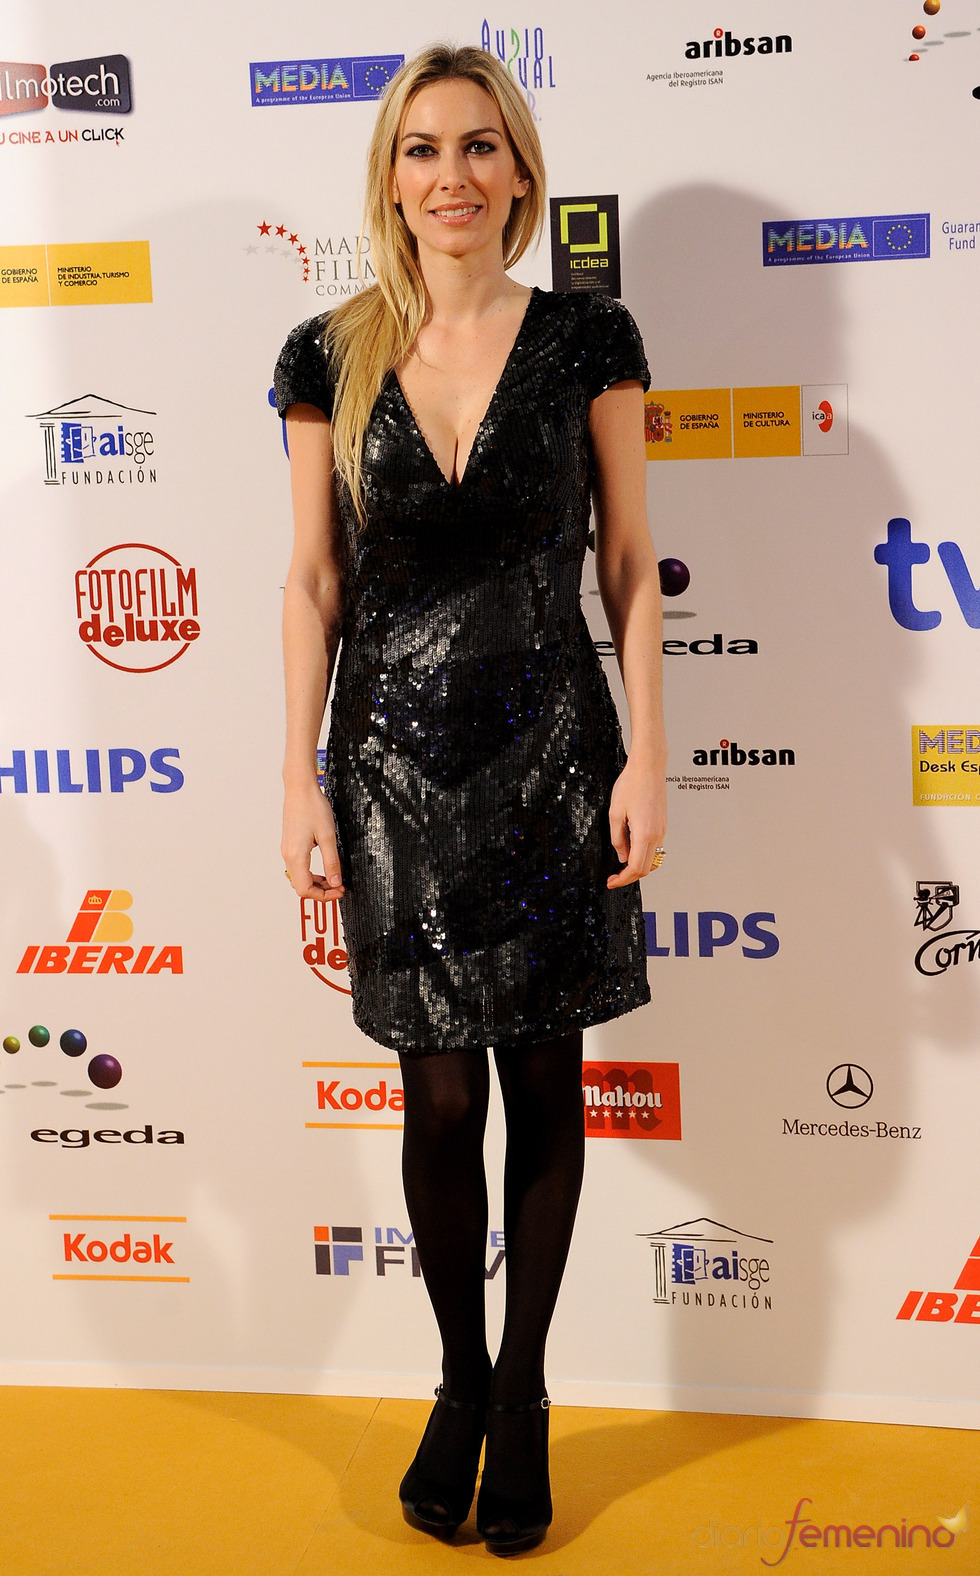 Premios Jose María Forqué 2011 con Kira Miró